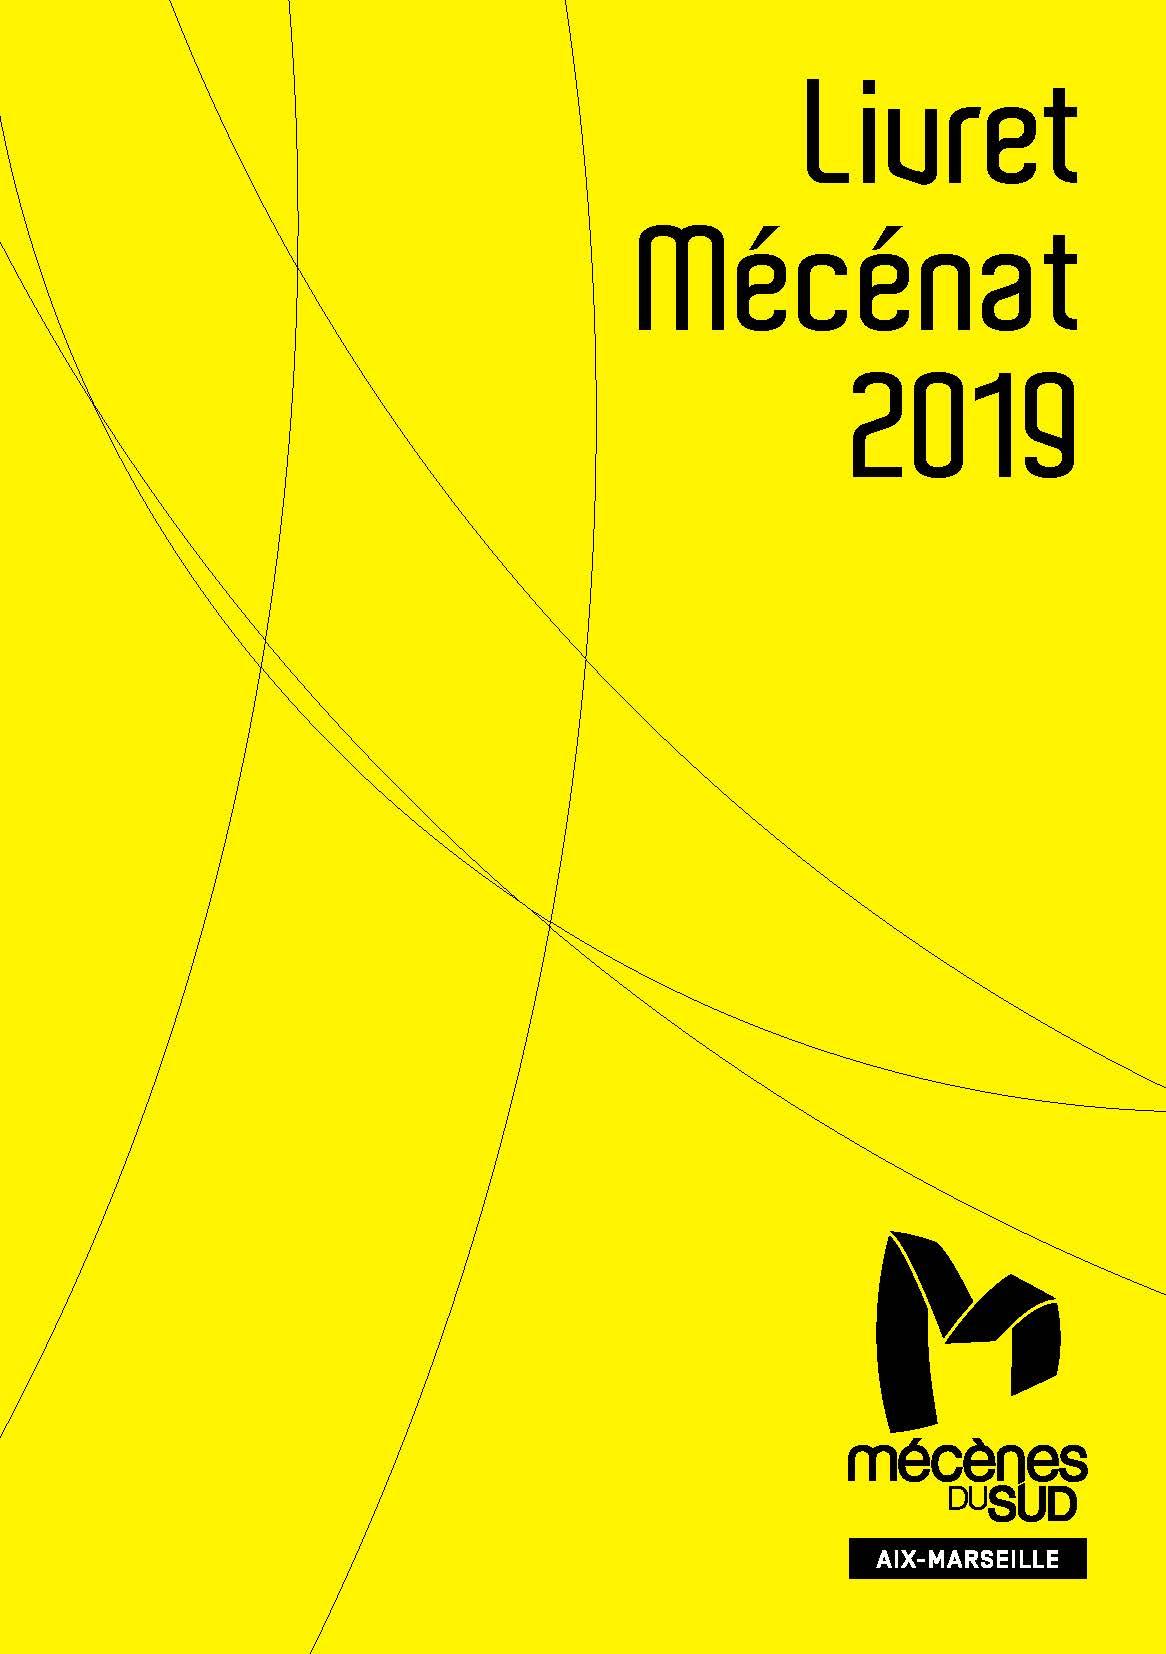 Livret Mécénat 2019